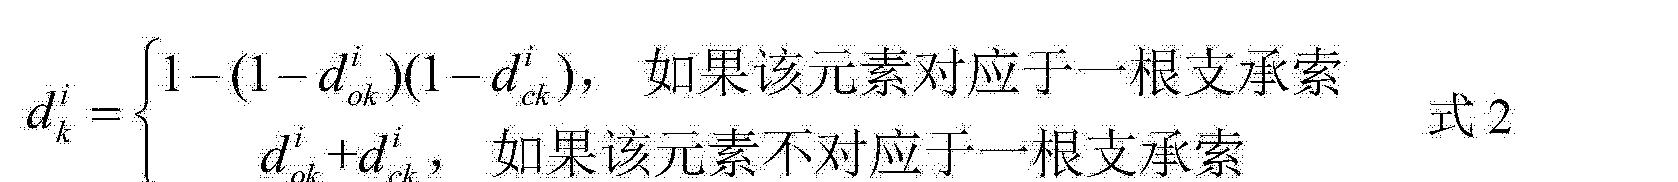 Figure CN103852282AC00102